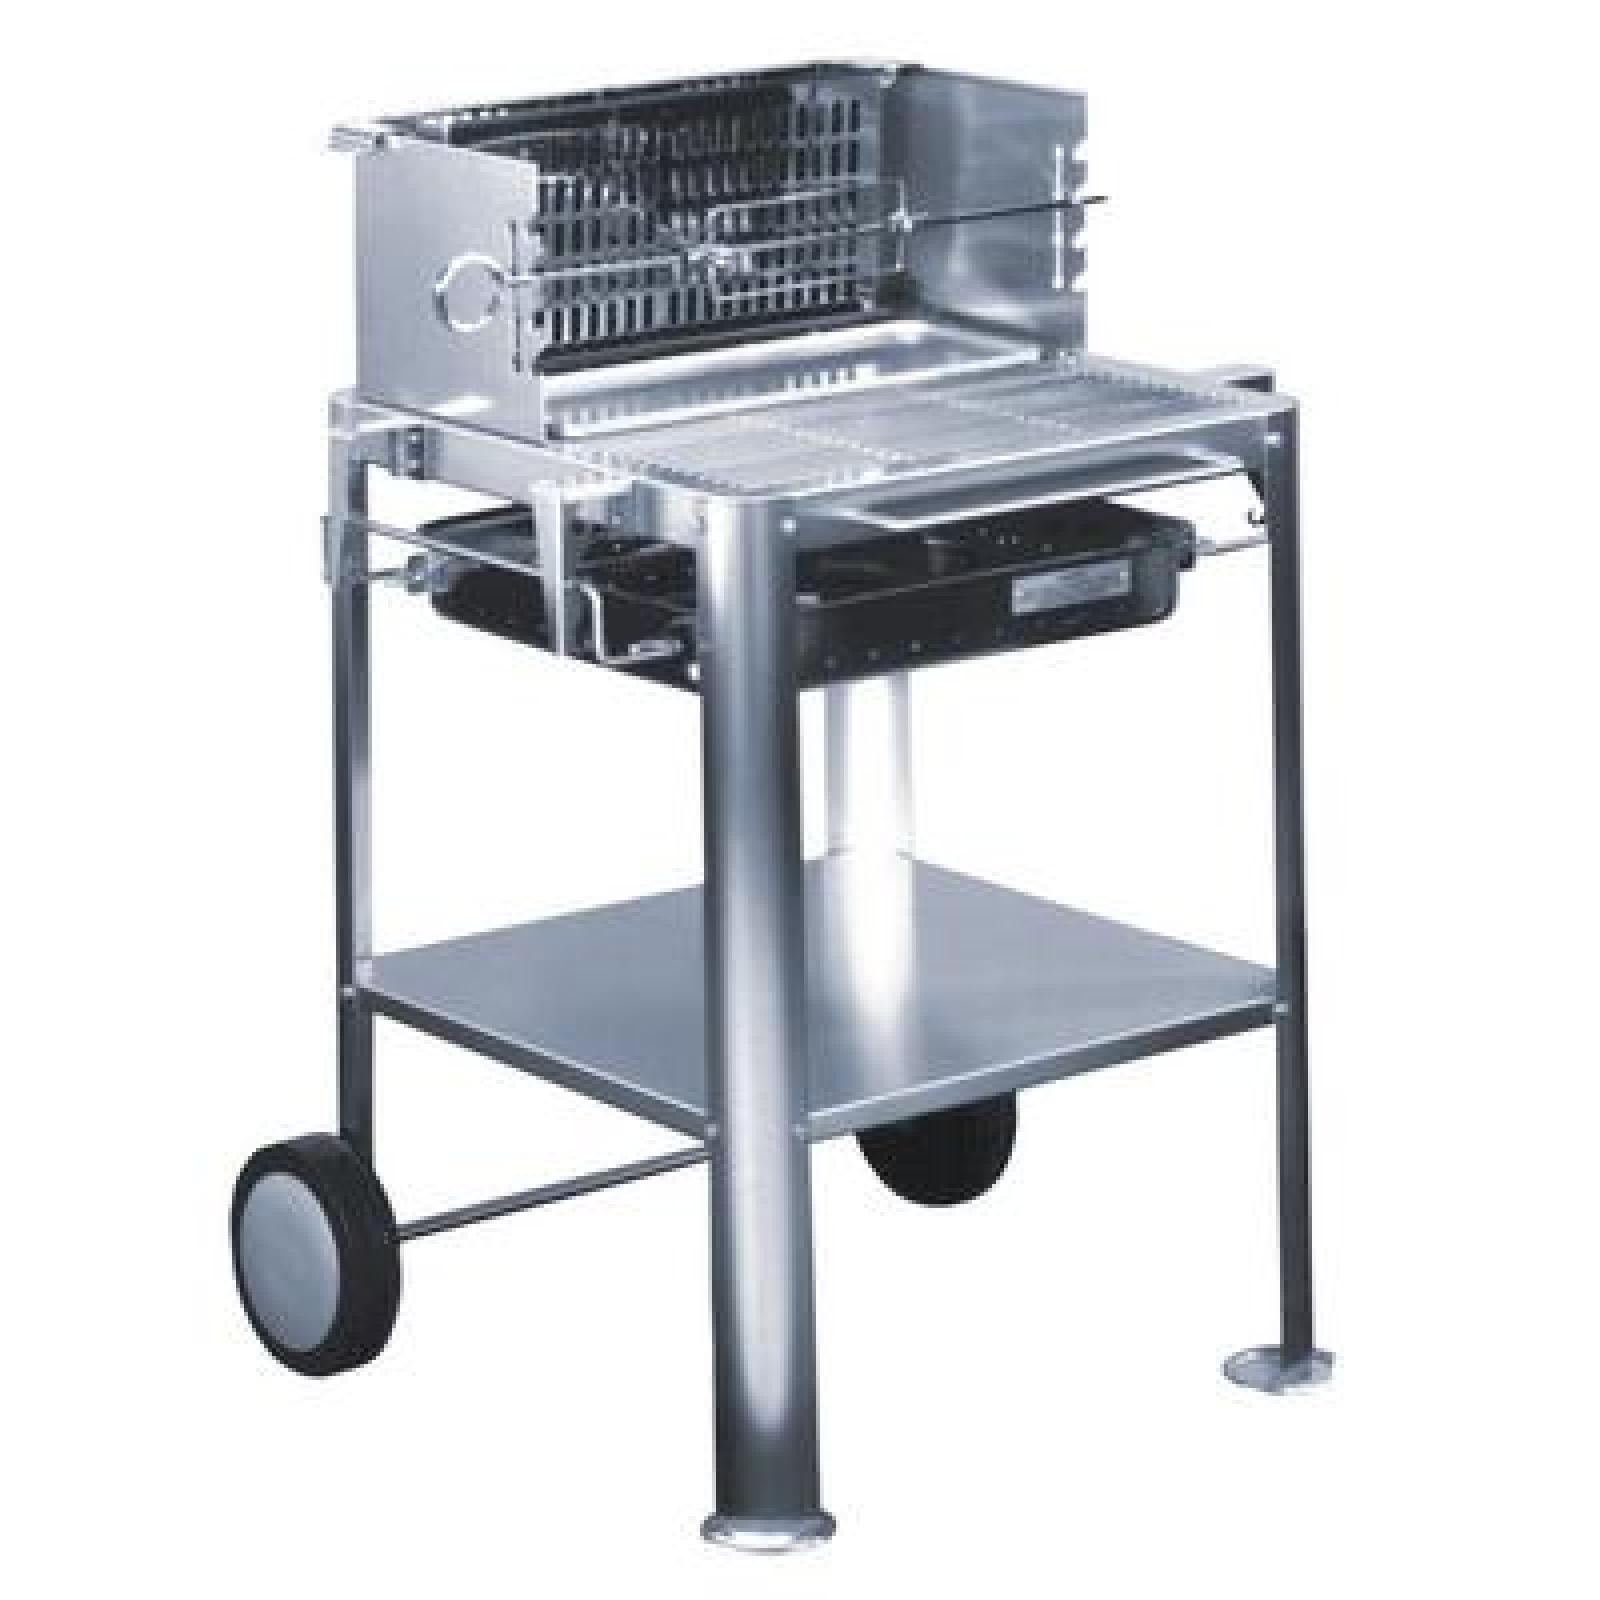 heibi edelstahl holzkohle grill trendy-mobil fahrbar edelstahl 51085